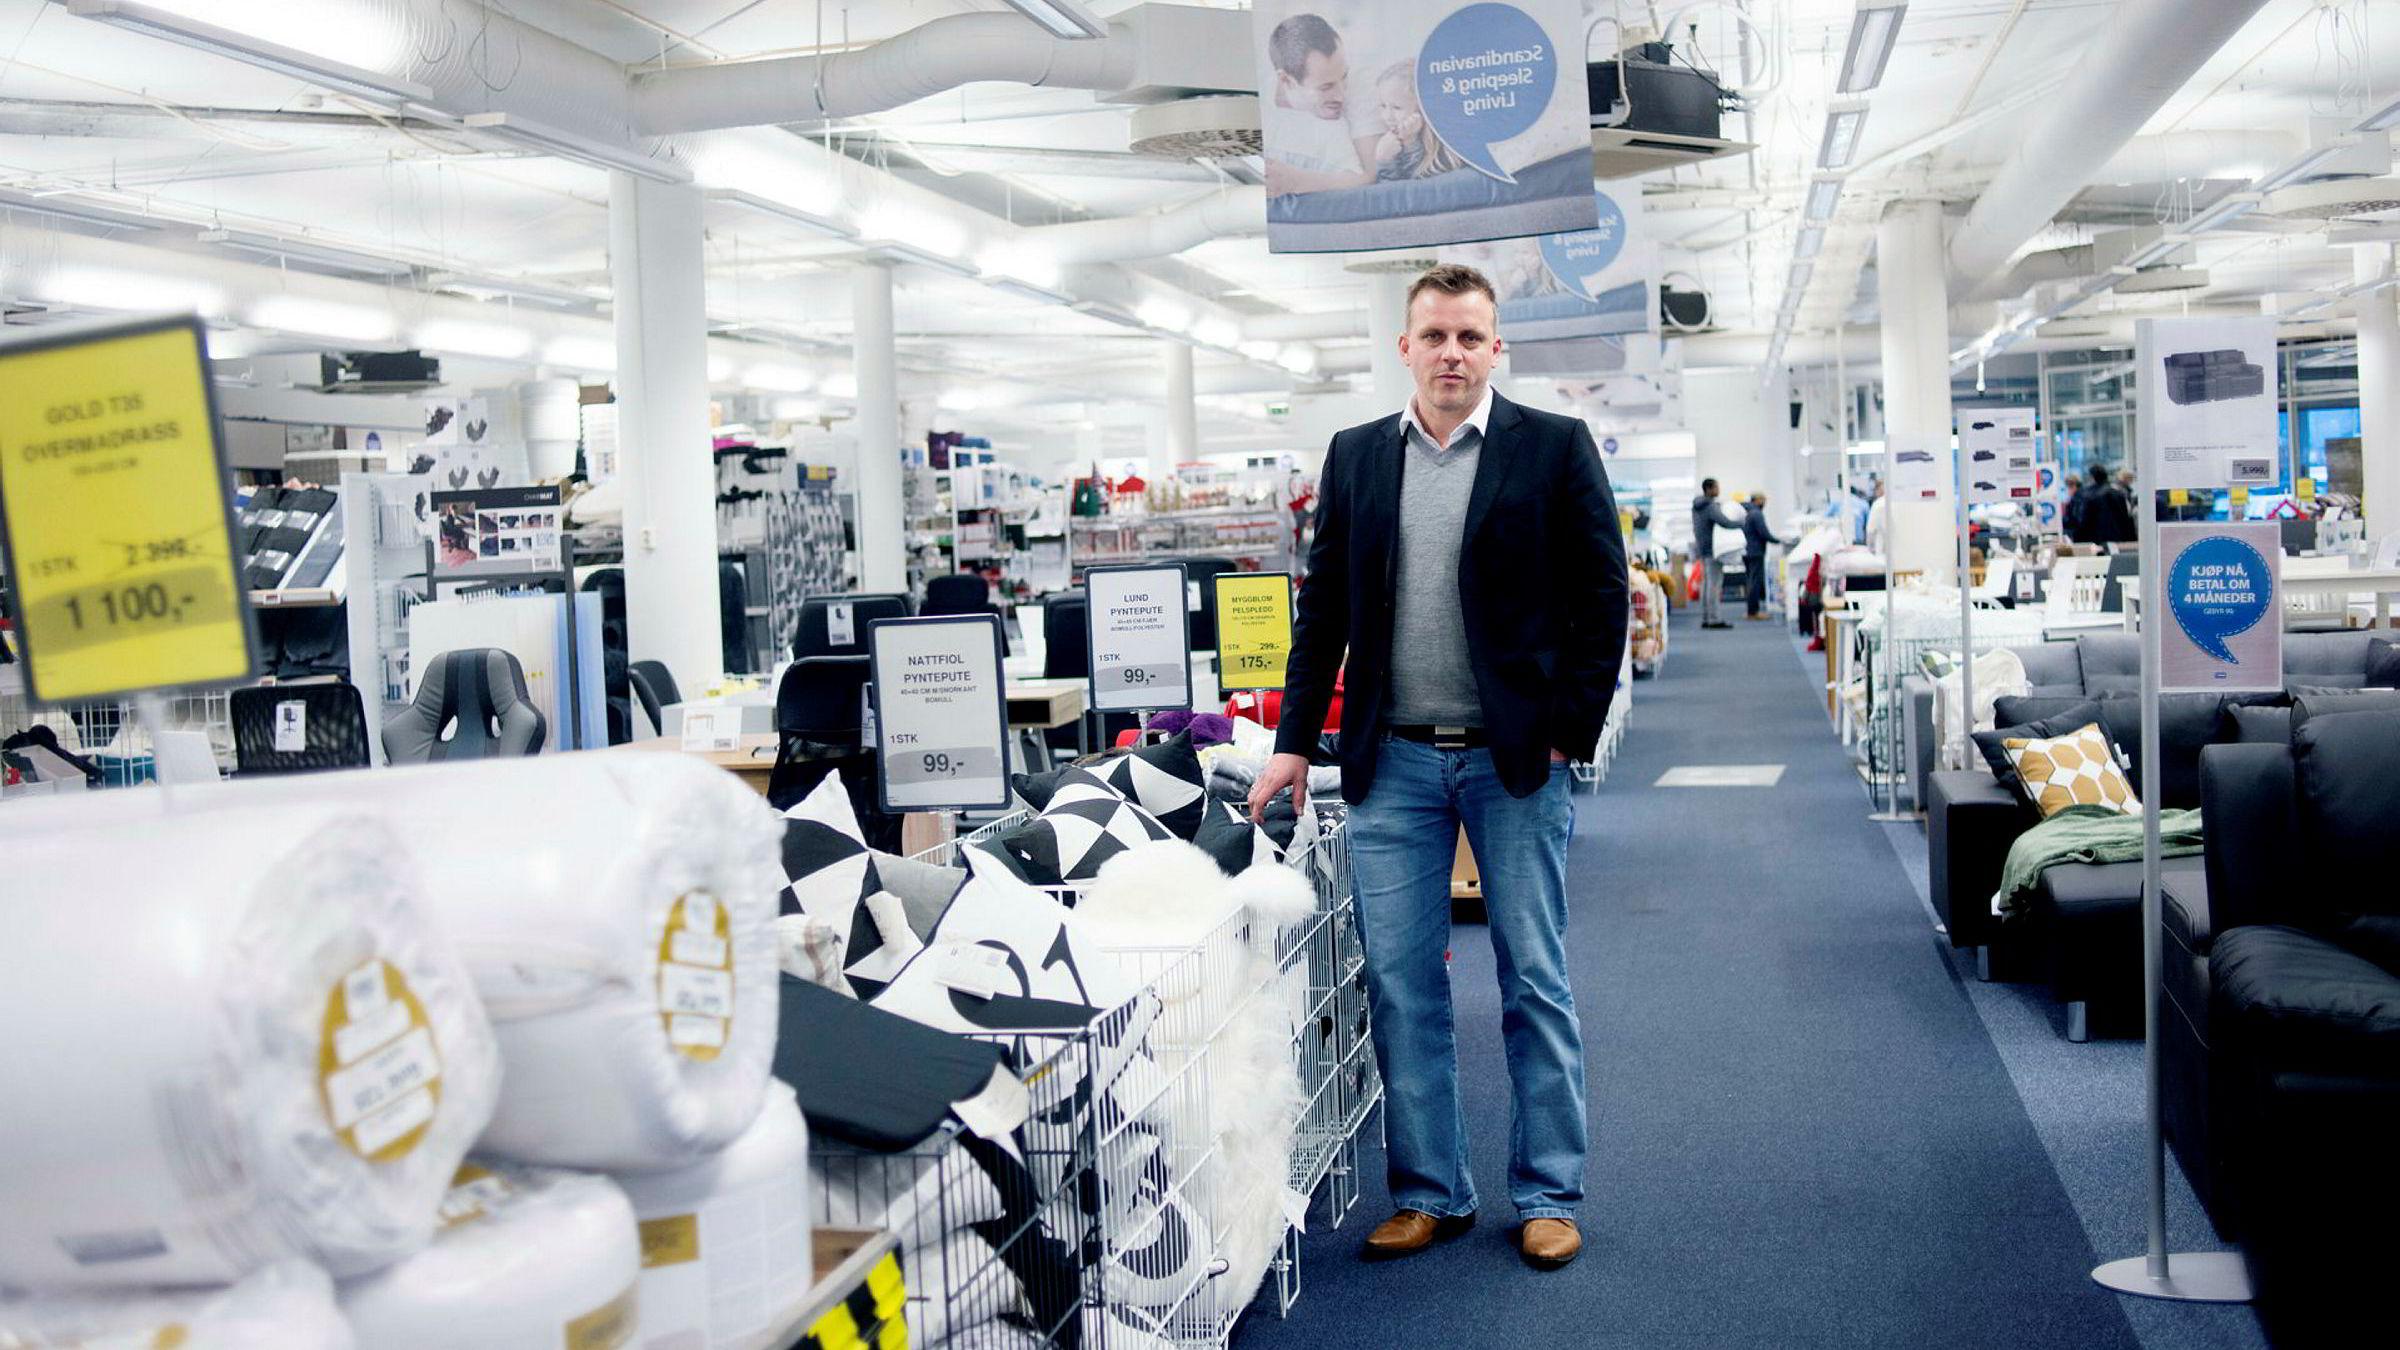 Salgsdirektør Are Bjøntegaard tok umiddelbart affære da han hørte at Jysk-annonser ble vist på nettsiden som er utestengt av en av de store reklamebørsene på grunn av hatefulle ytringer.